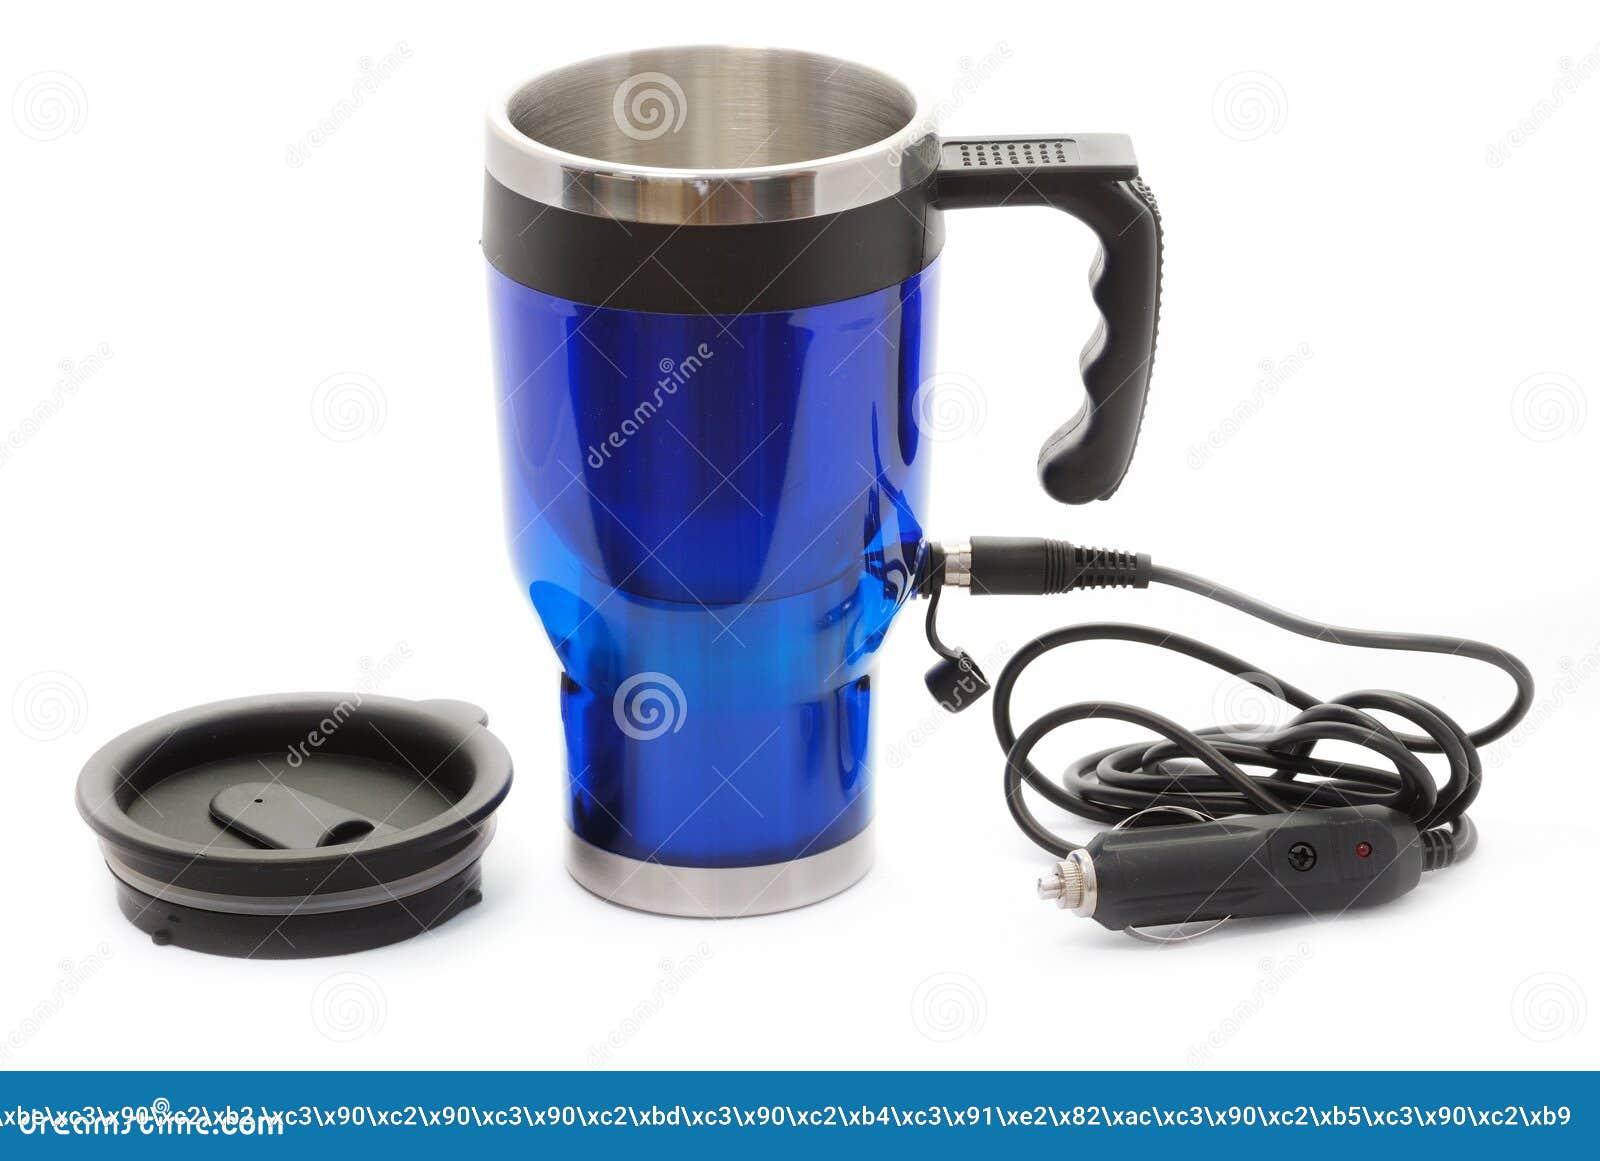 Populaire Tasse électrique De Thermos De Café Photo stock - Image: 15897842 WG73